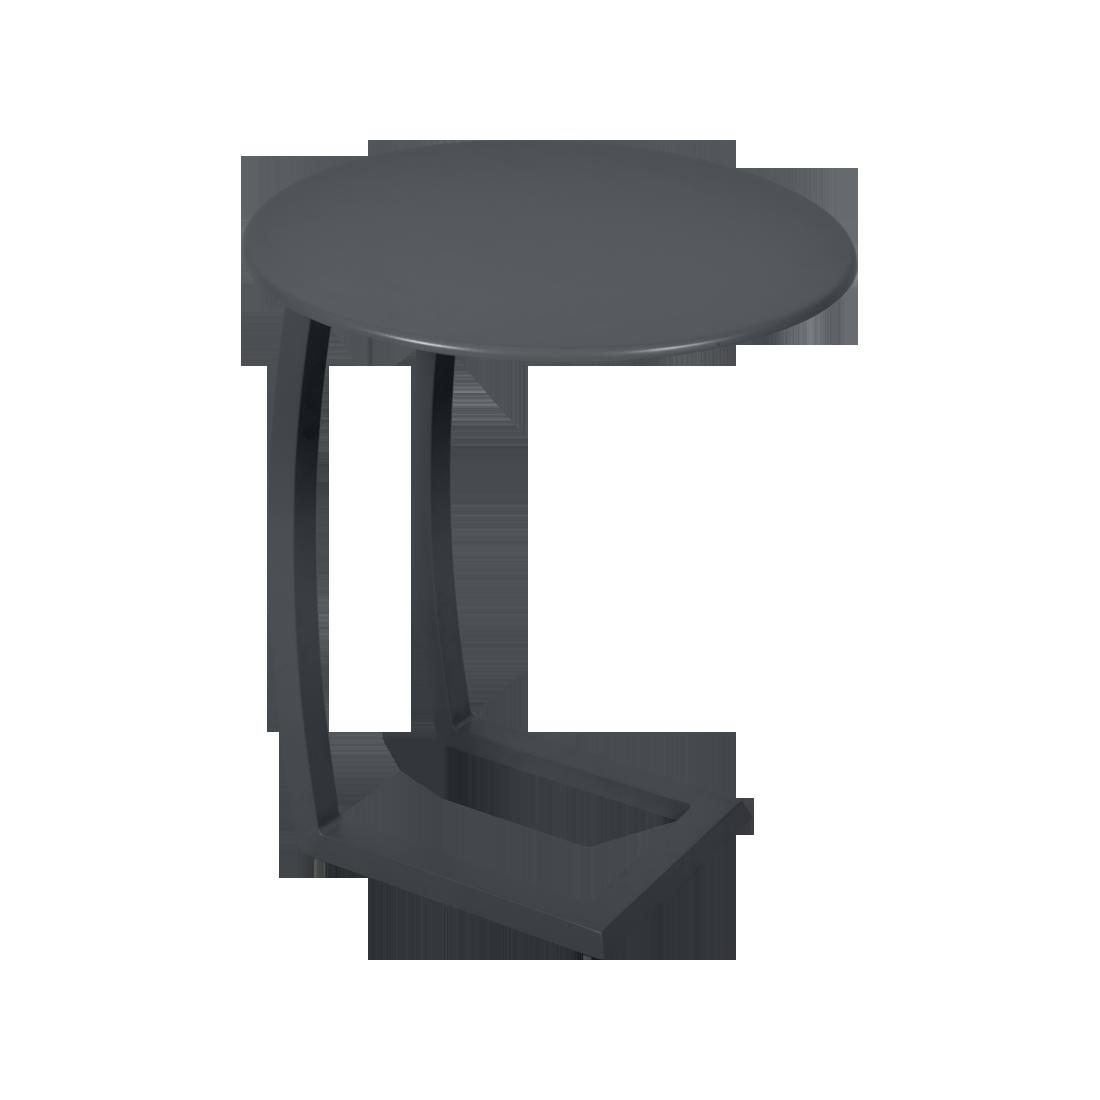 table basse chaise longue noir, table basse aluminium, table basse bain de soleil